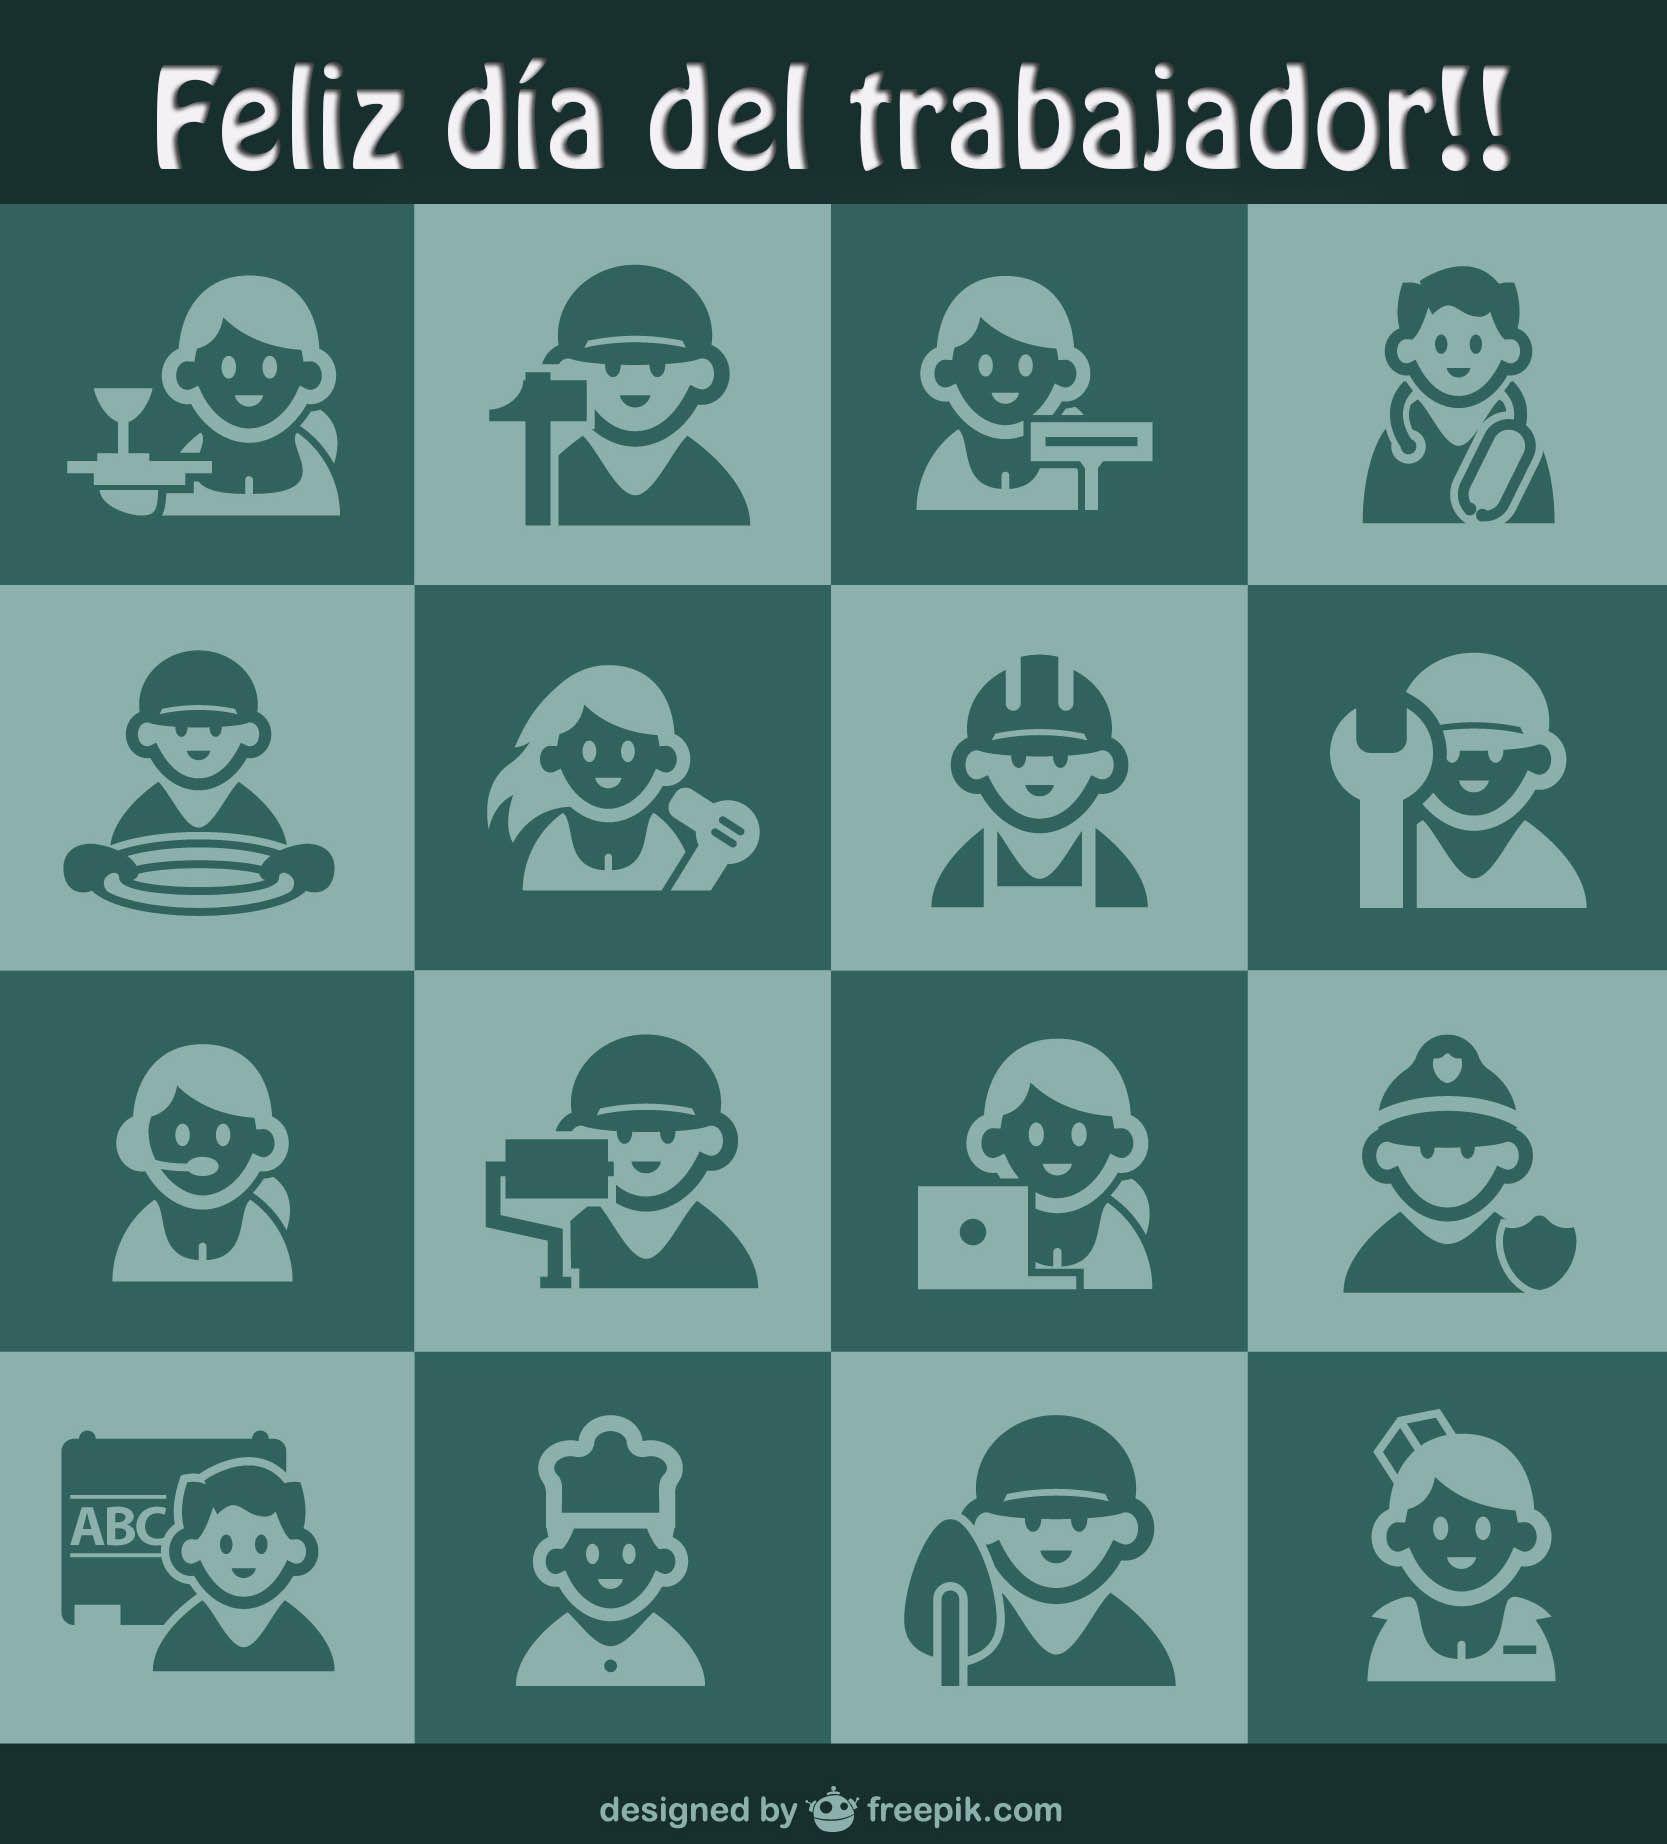 Dia Del Trabajador Mujeres feliz día del trabajador!! | feliz dia del trabajador, dia